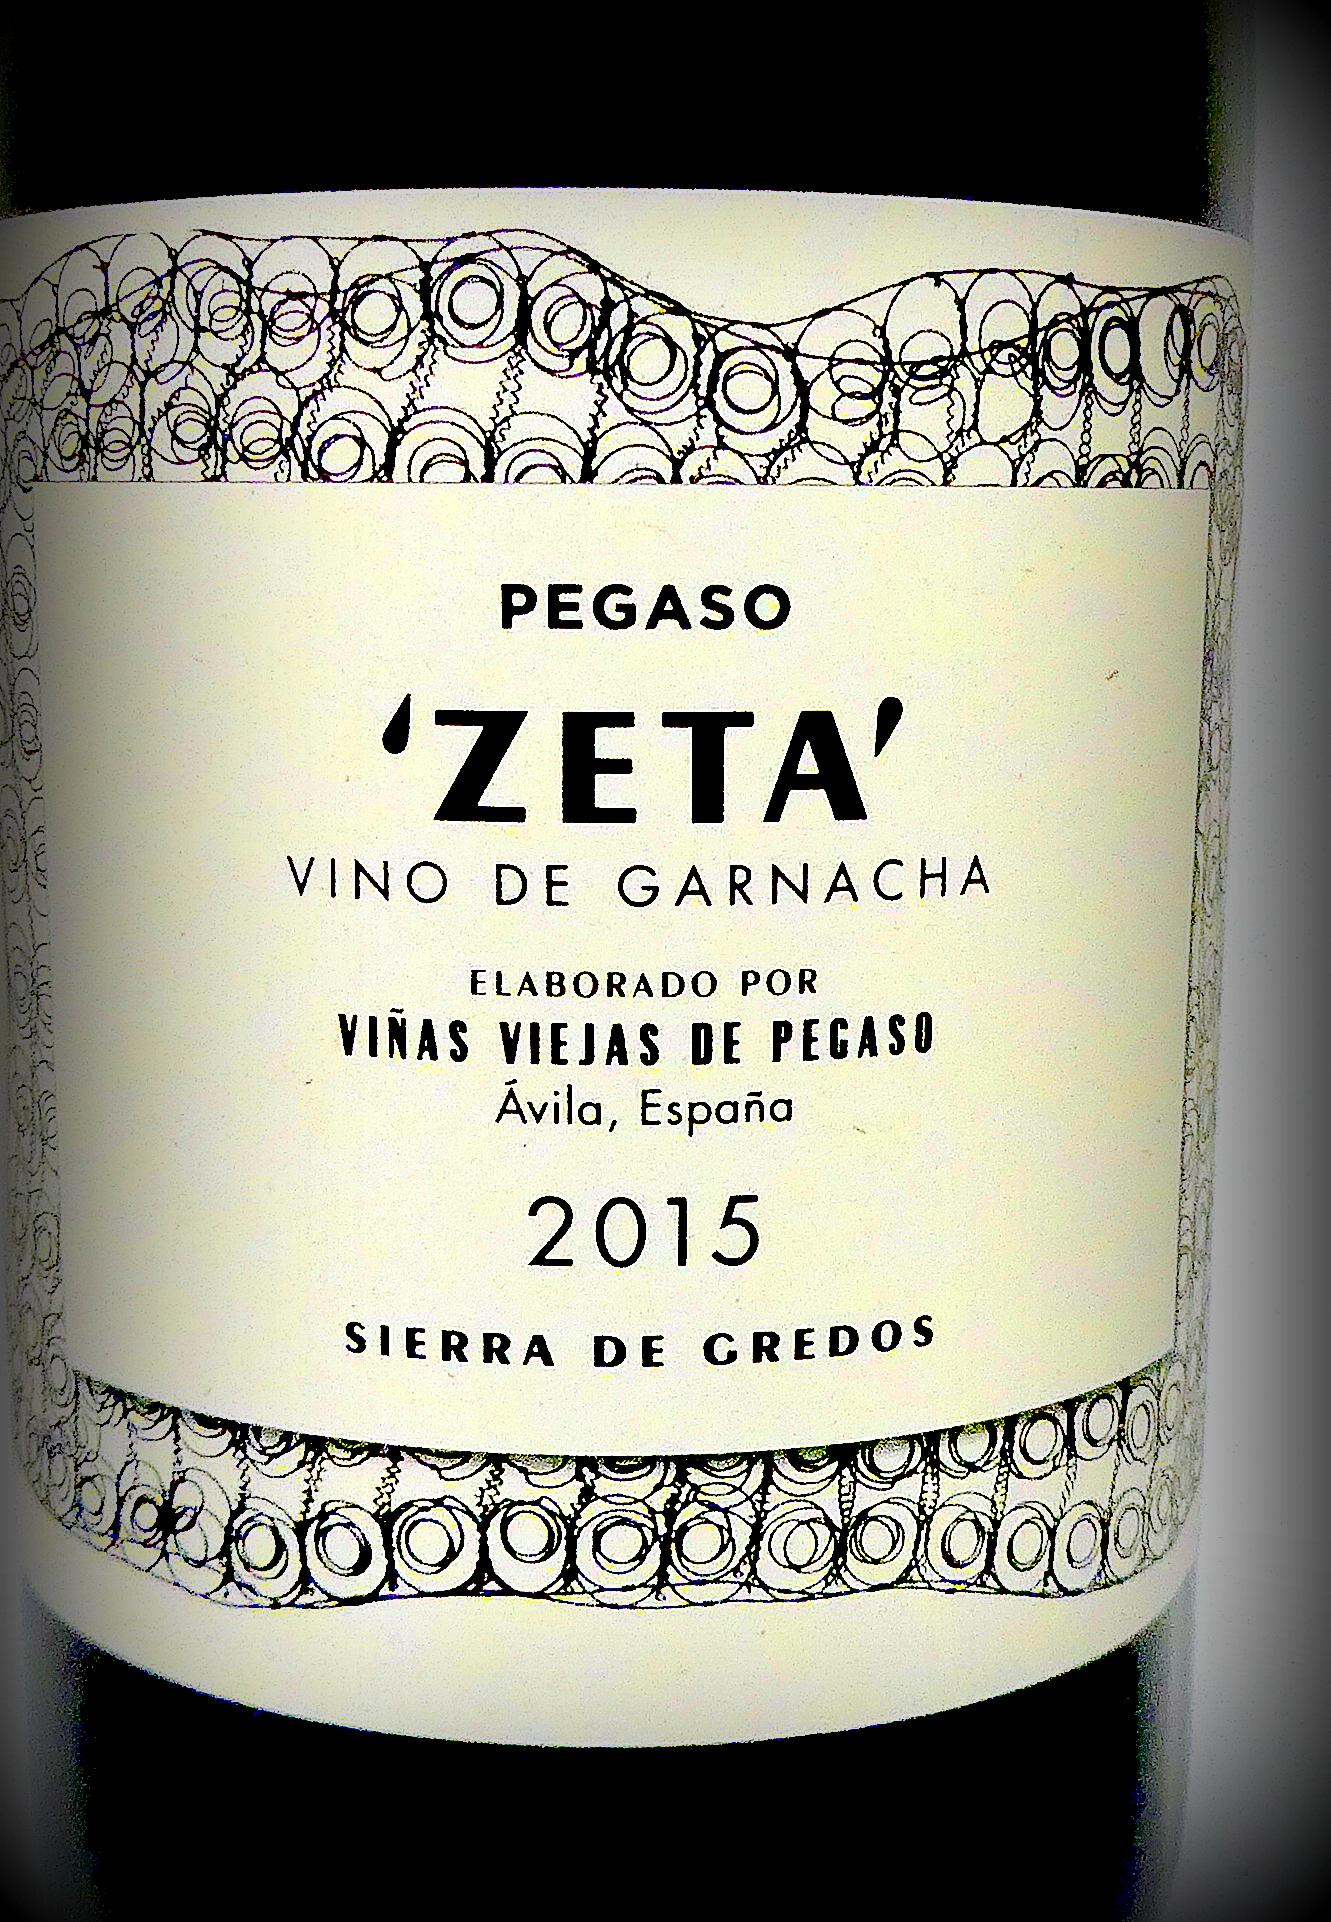 Pegaso Zeta